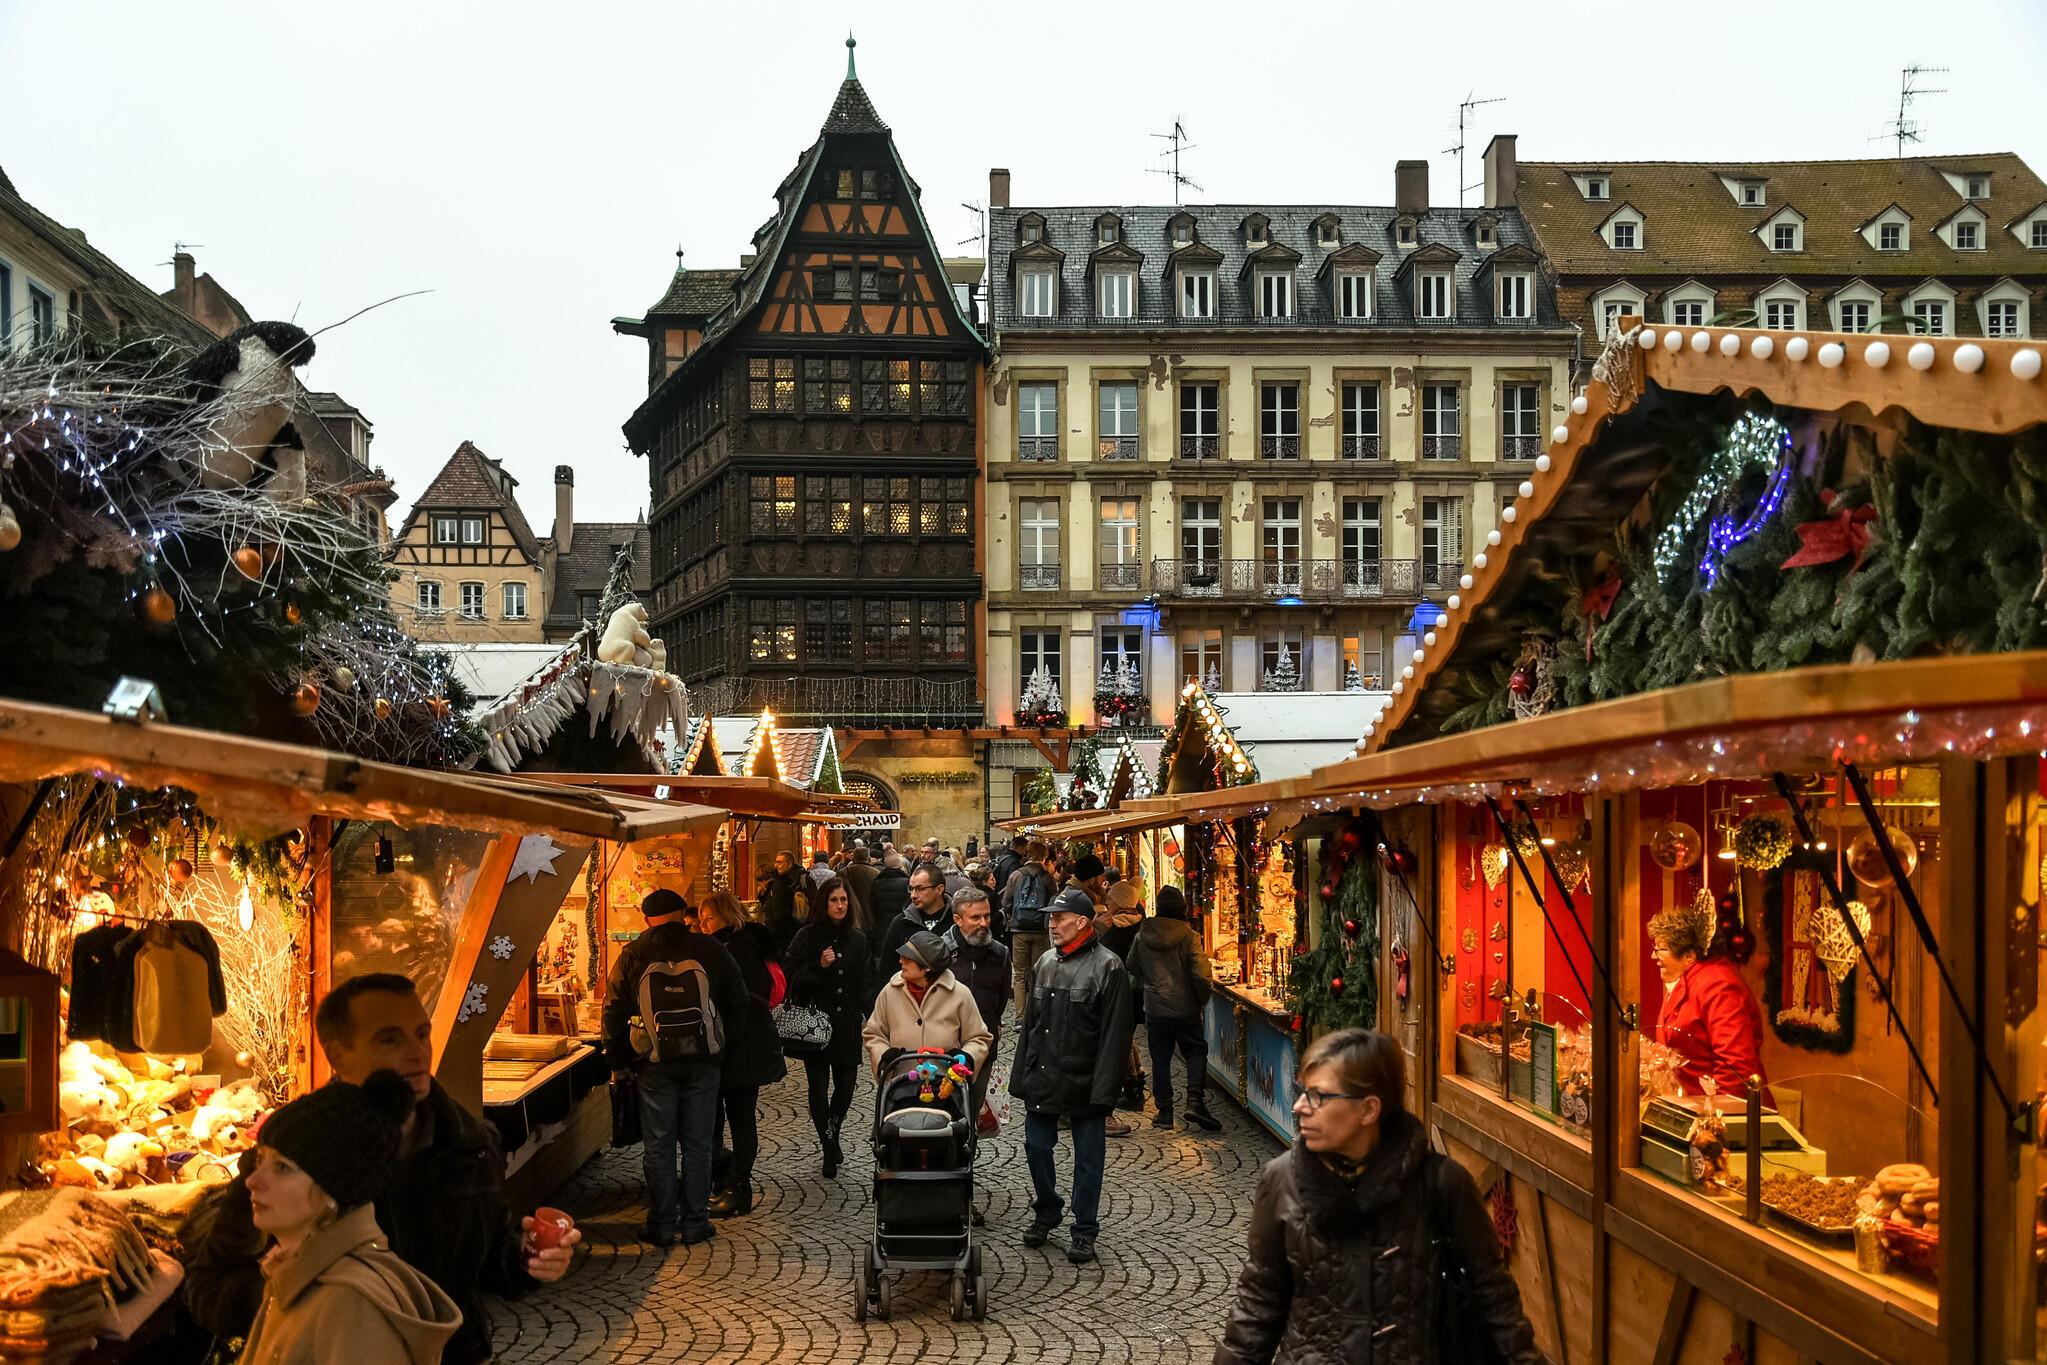 Страсбургская рождественская ярмарка - одна из самых известных в мире.